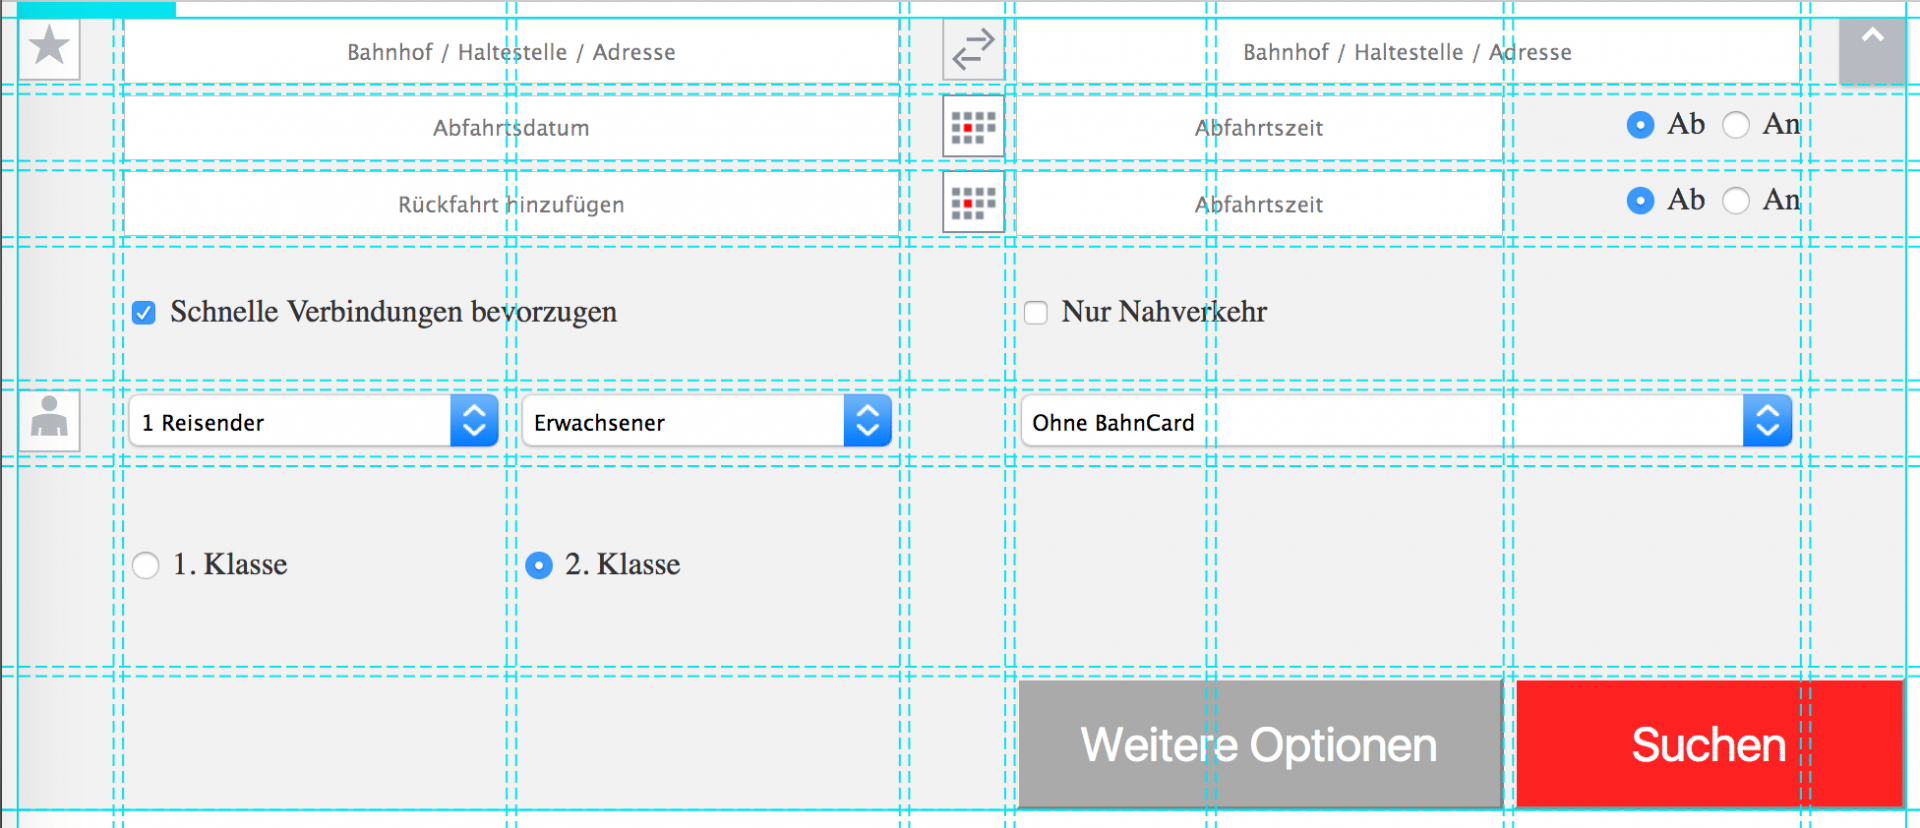 Gemütlich Tabelle Stil Css Vorlage Ideen - Beispiel Wiederaufnahme ...